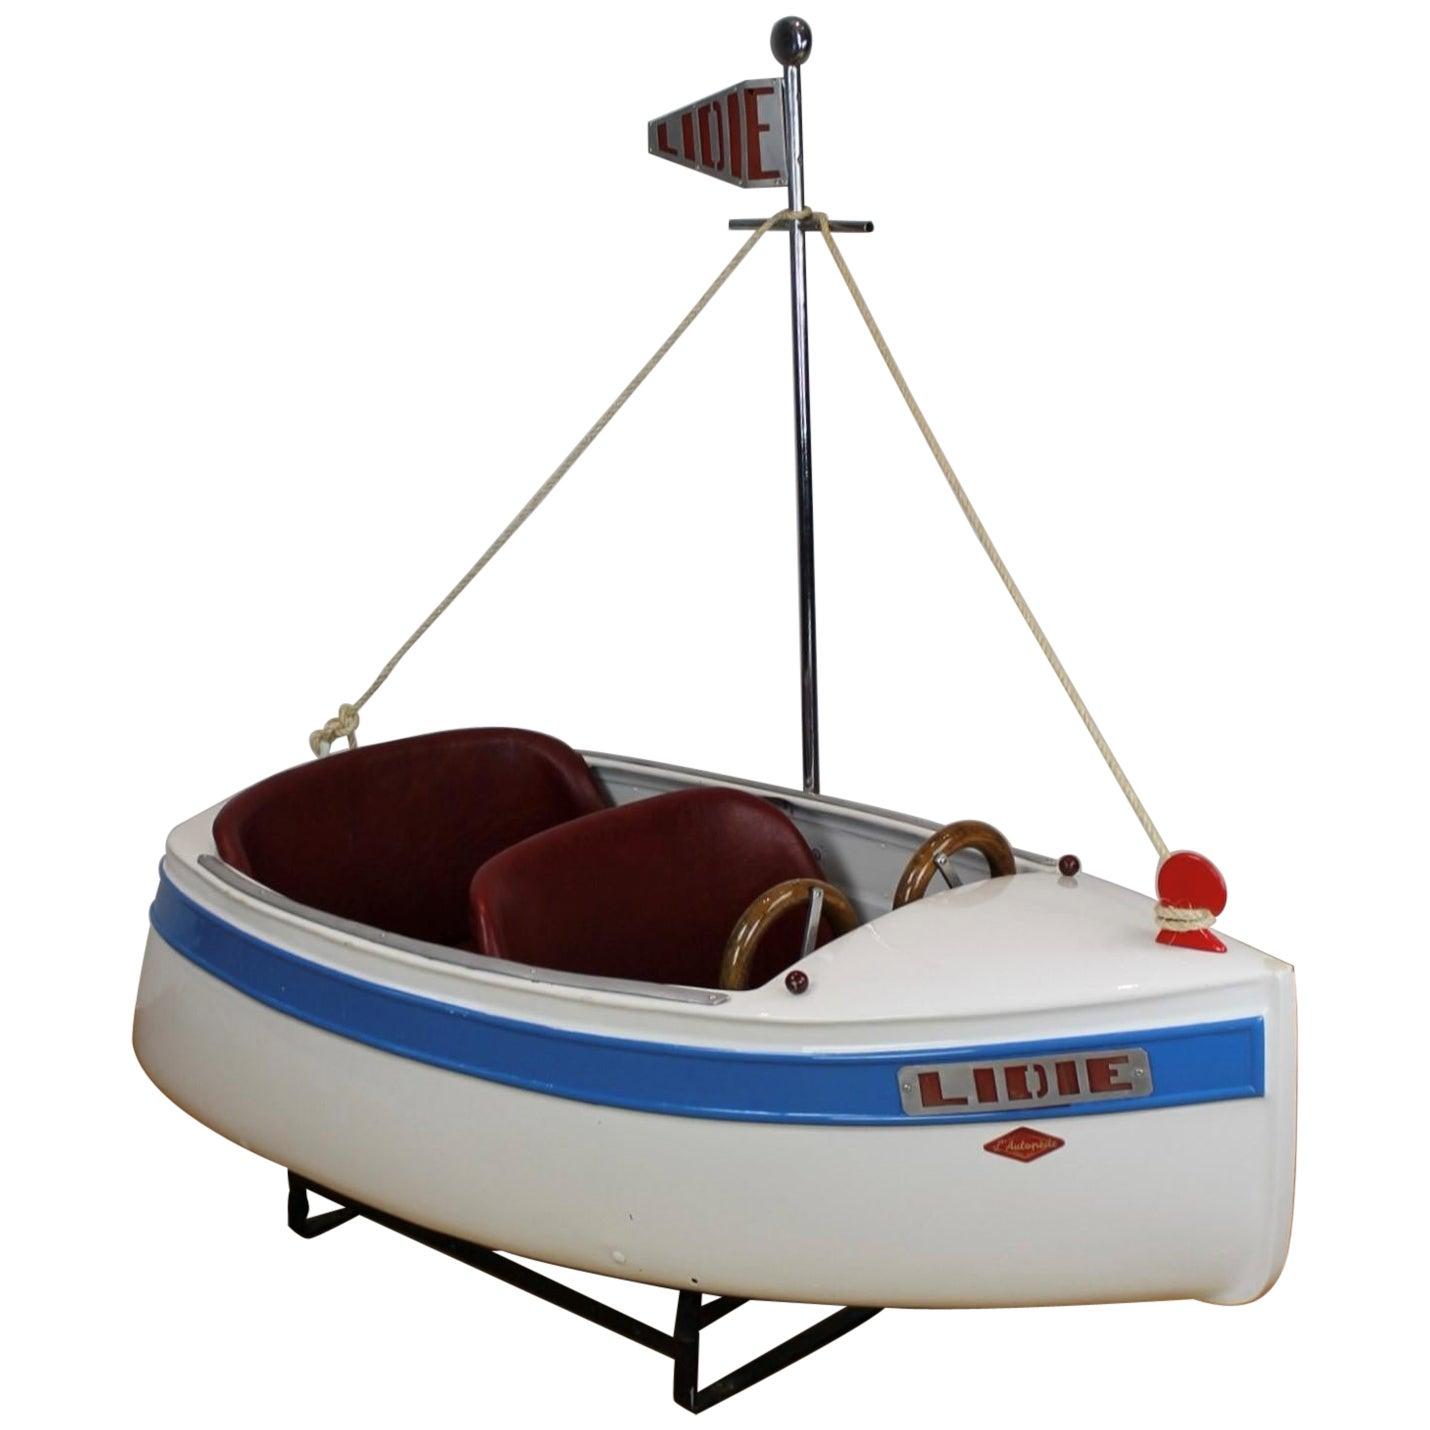 Carousel Boat by L' Autopède, 1940s